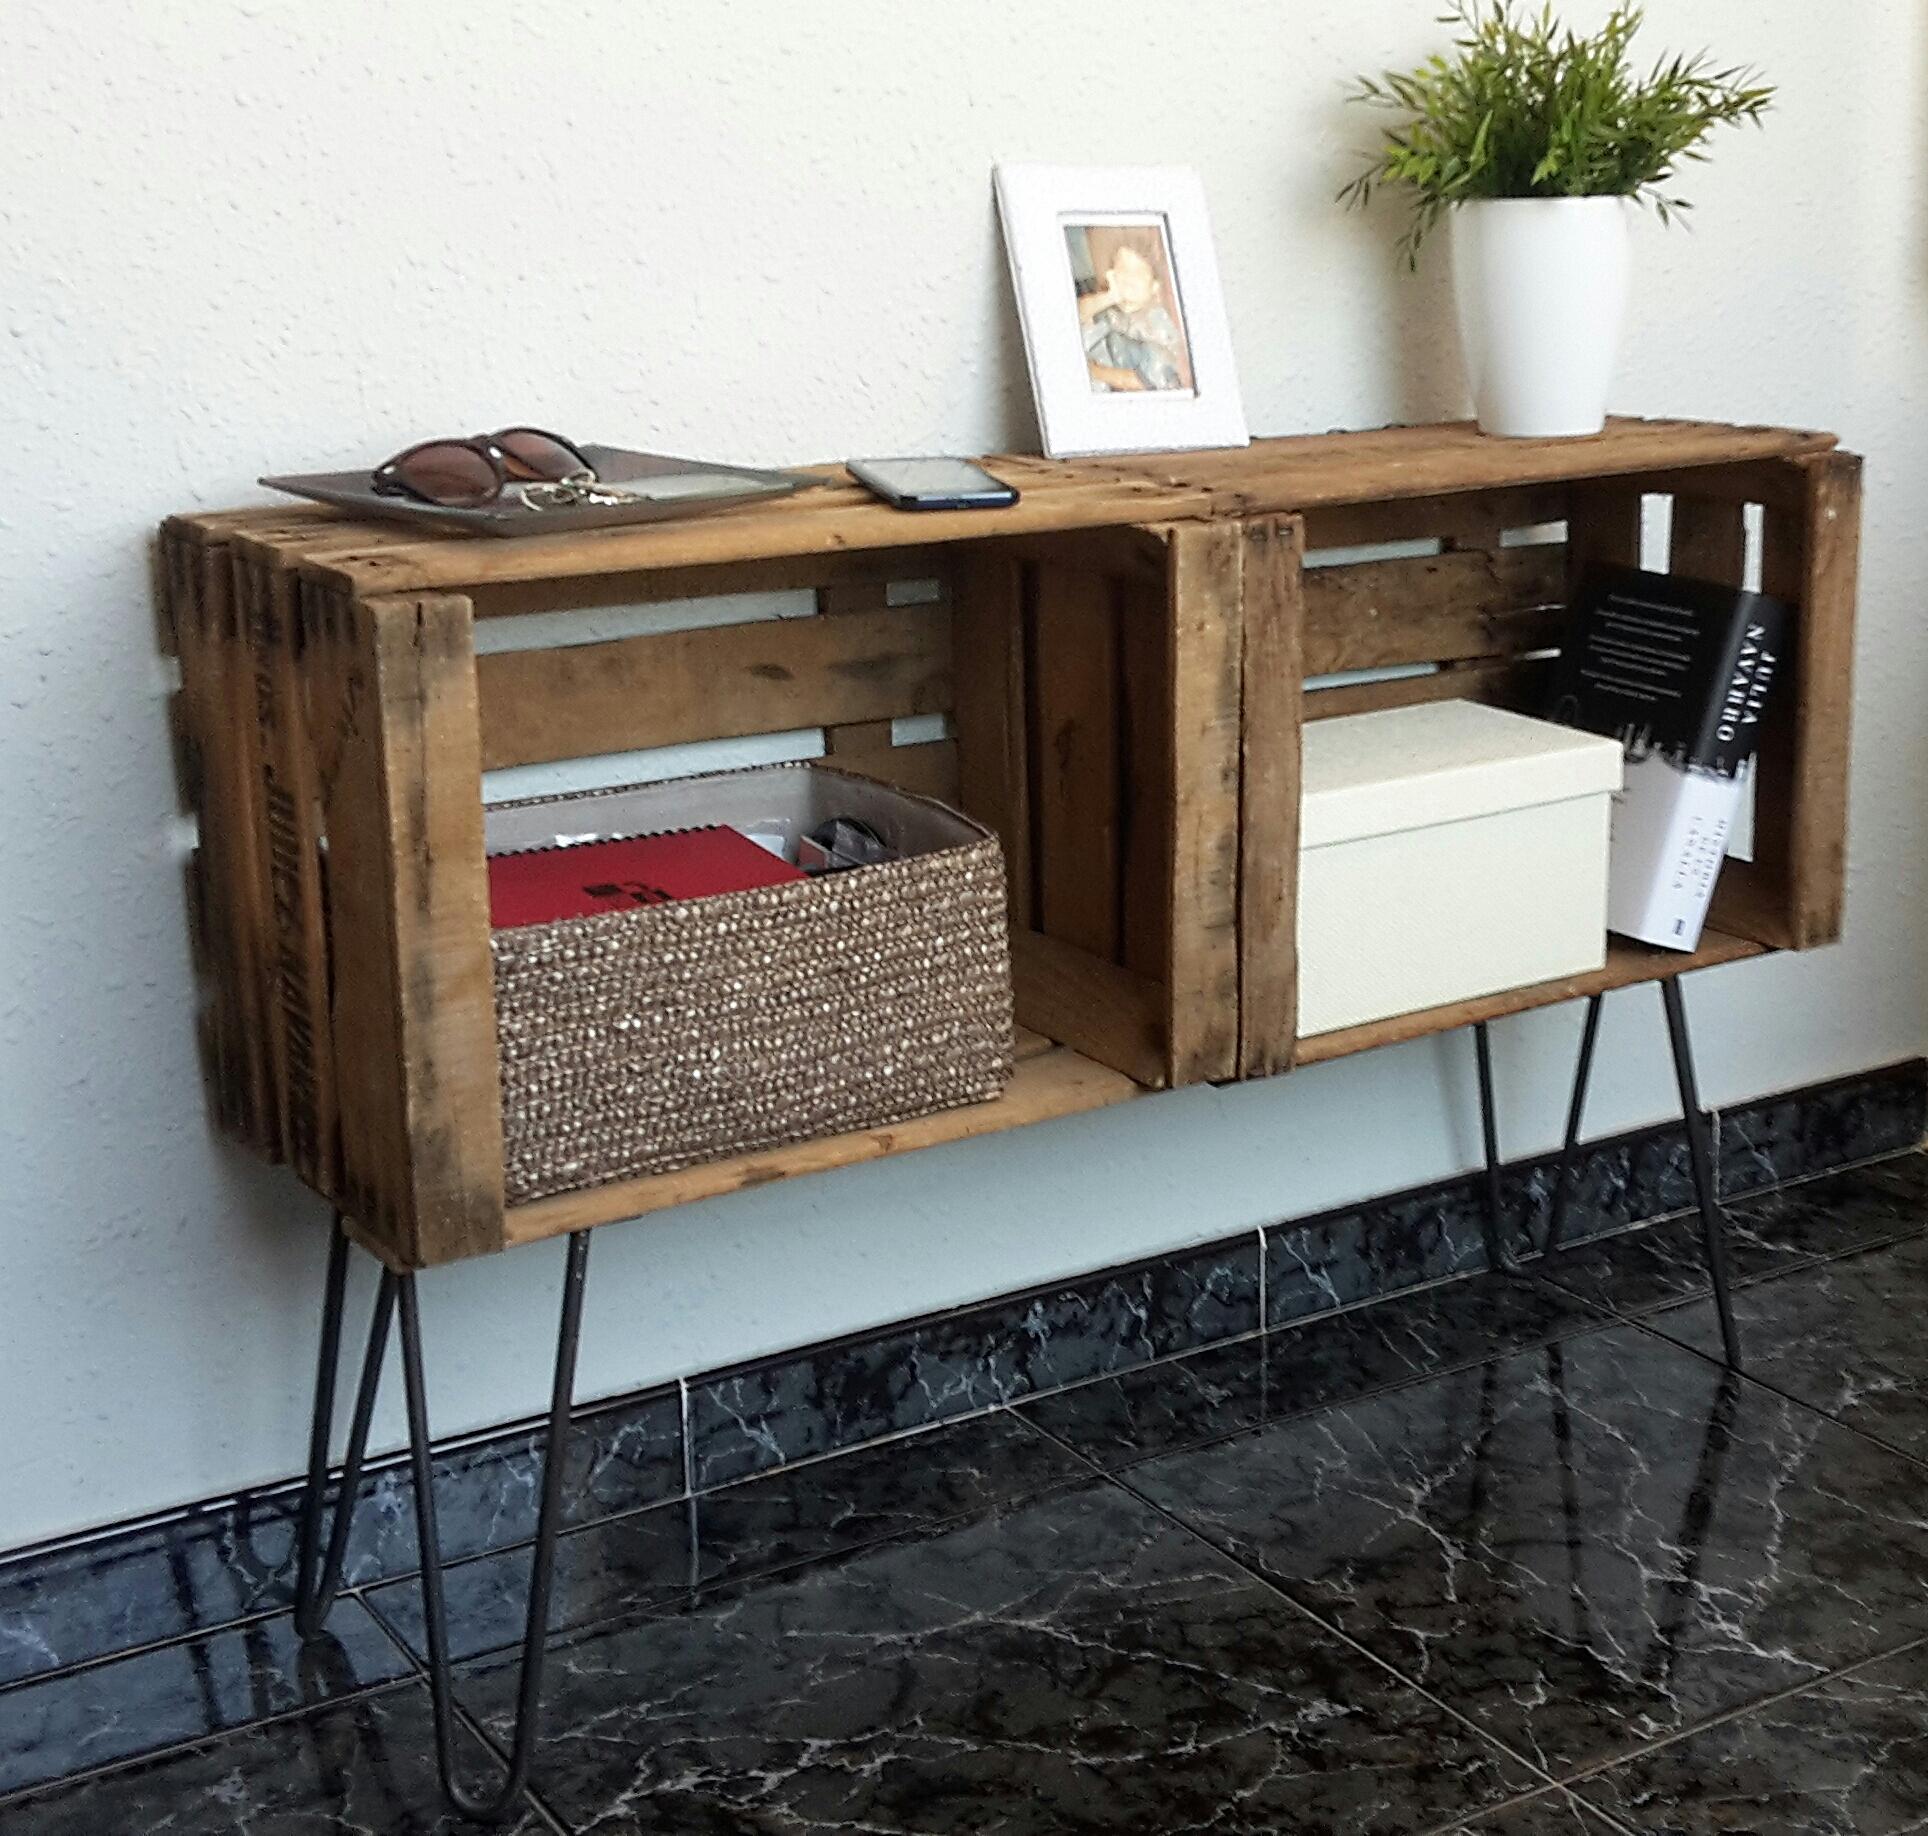 Mueble recibidor con cajas de fruta Kangei  Nekodecor  arte con